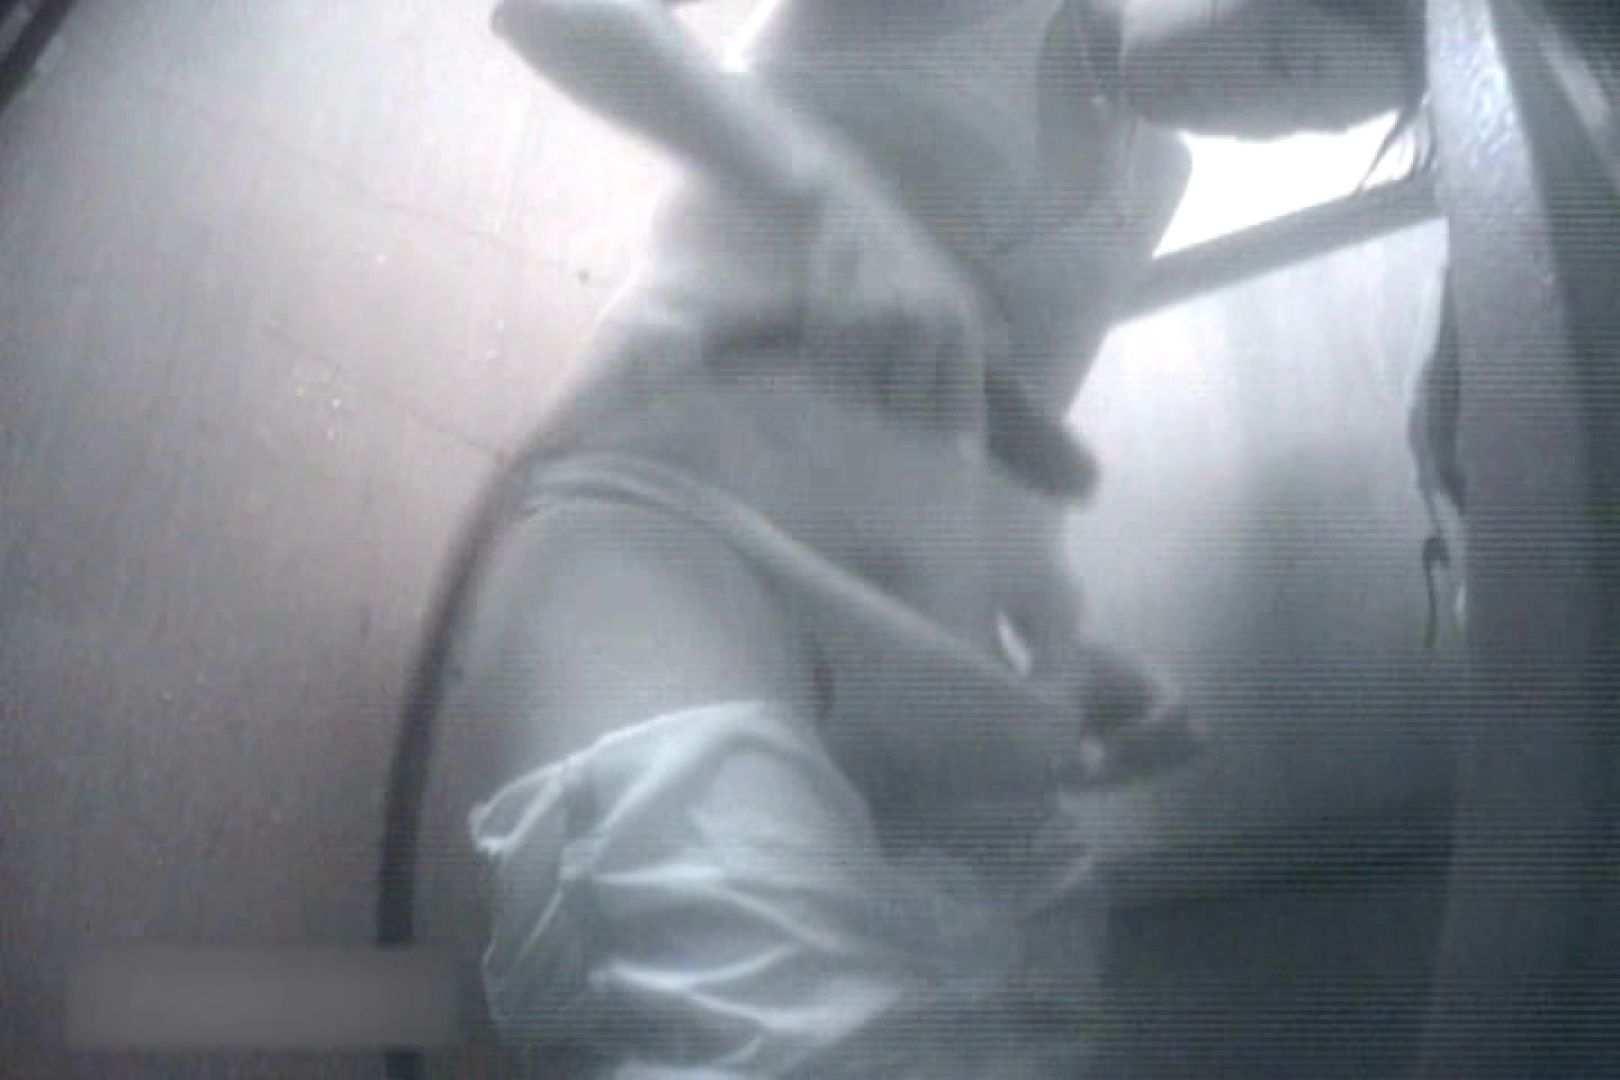 夏海シャワー室!ベトベトお肌をサラサラに!VOL.06 シャワー室 | OLの実態  75pic 33